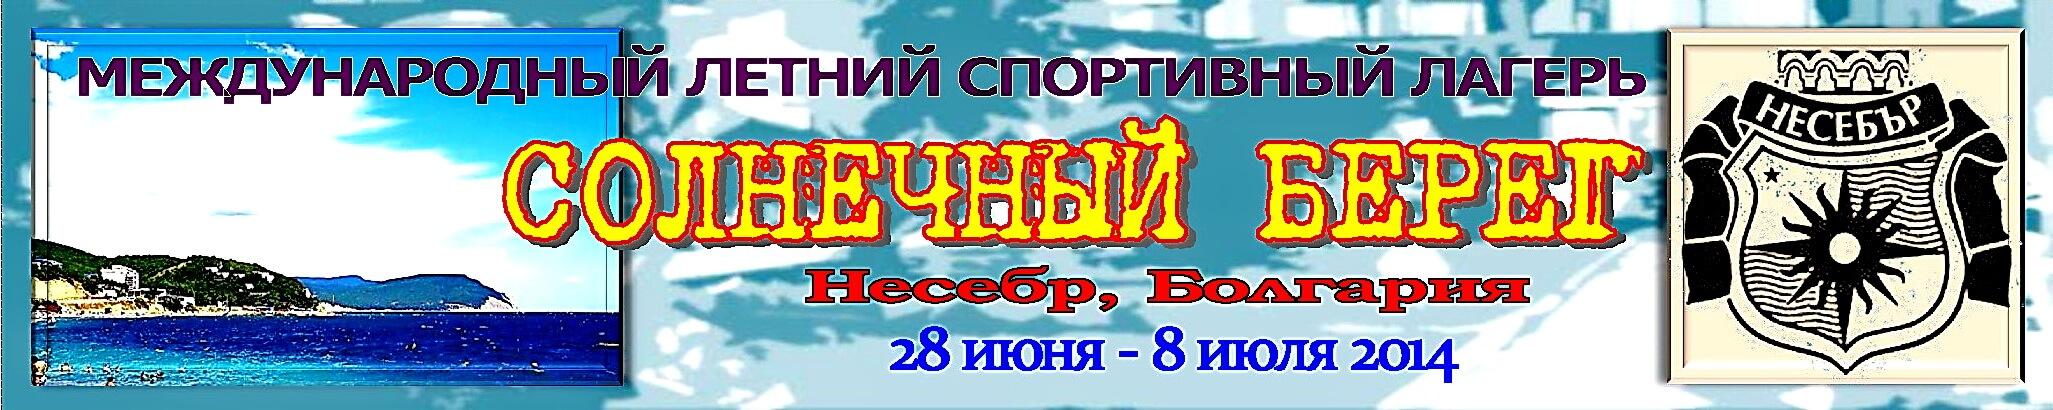 Несебр-2014 Баннер